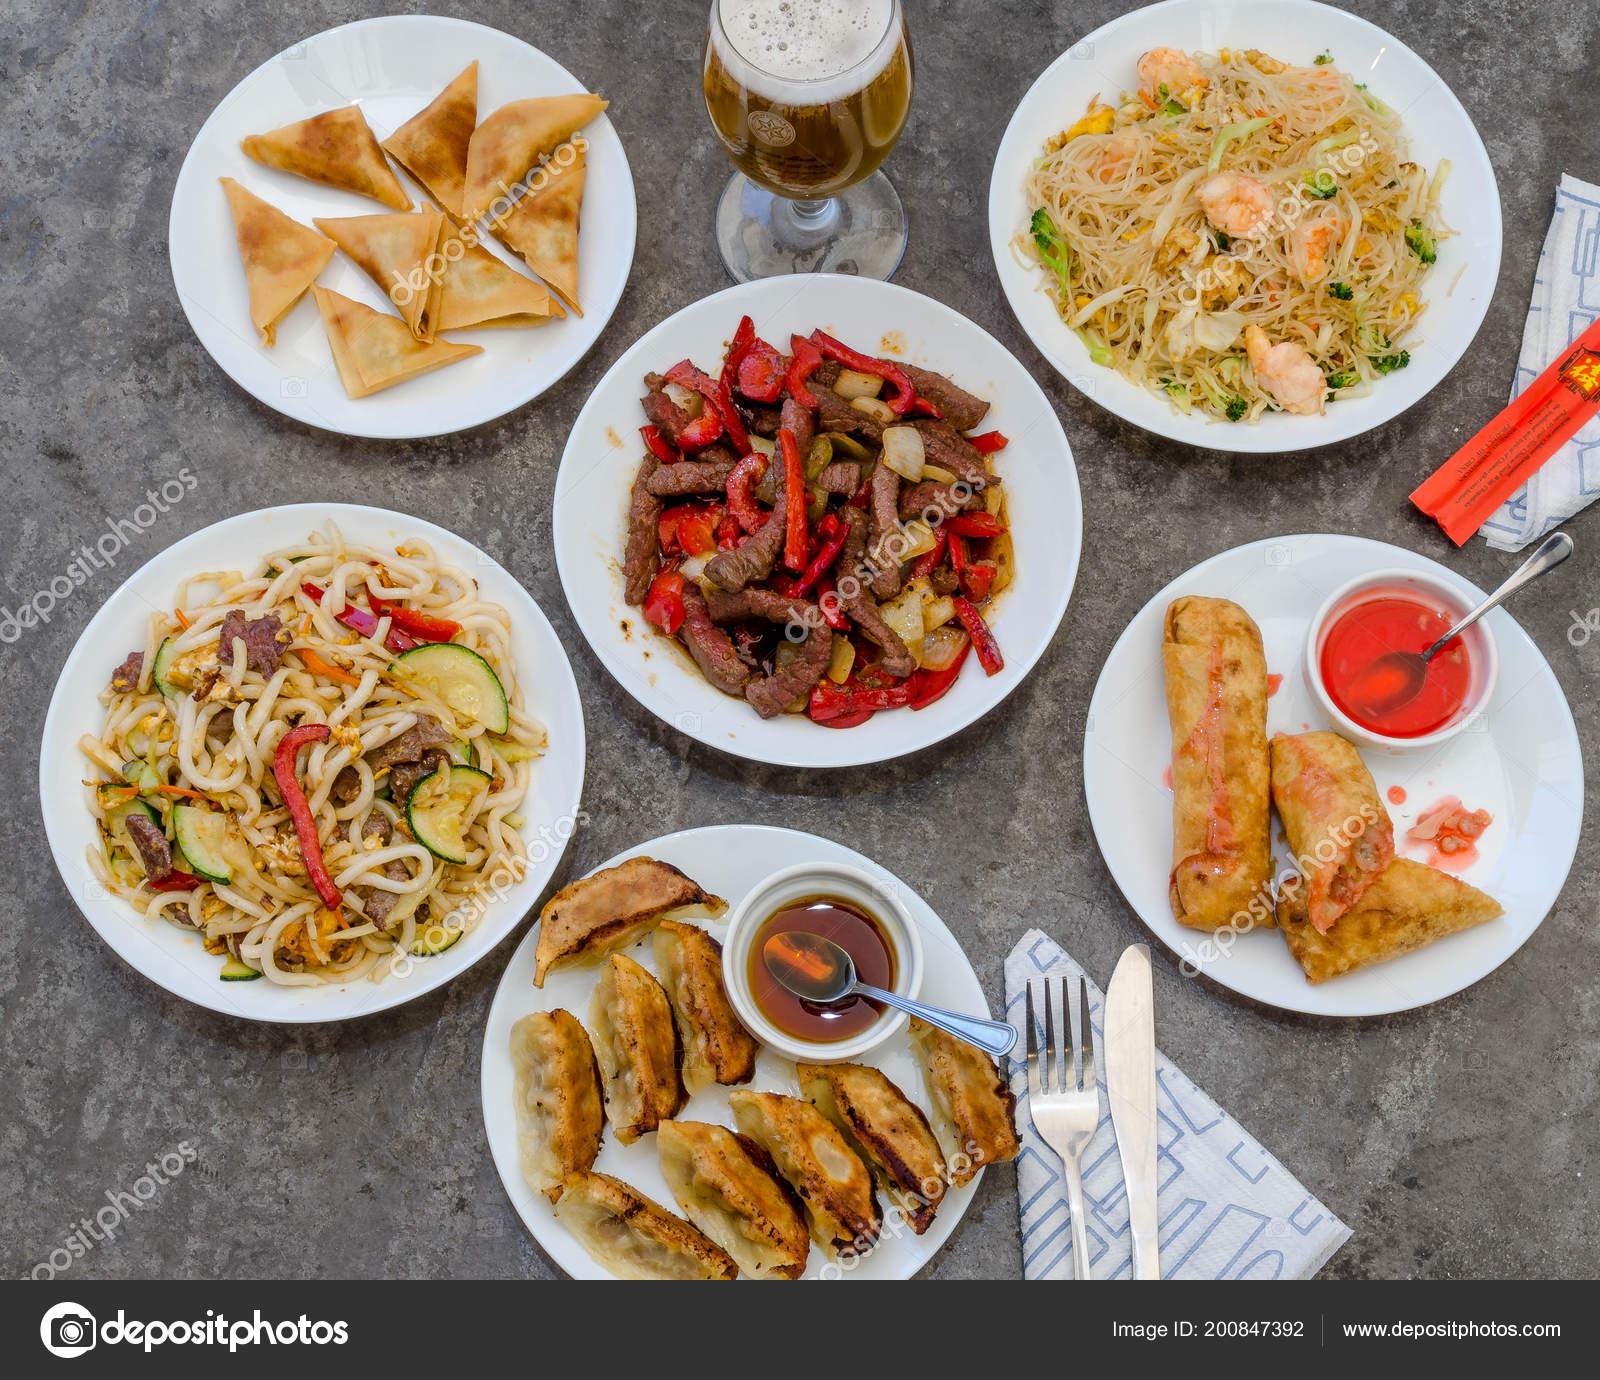 Divers Plats Cuisine Asiatique Dans Restaurant Chinoisu2013 Images De Stock  Libres De Droits